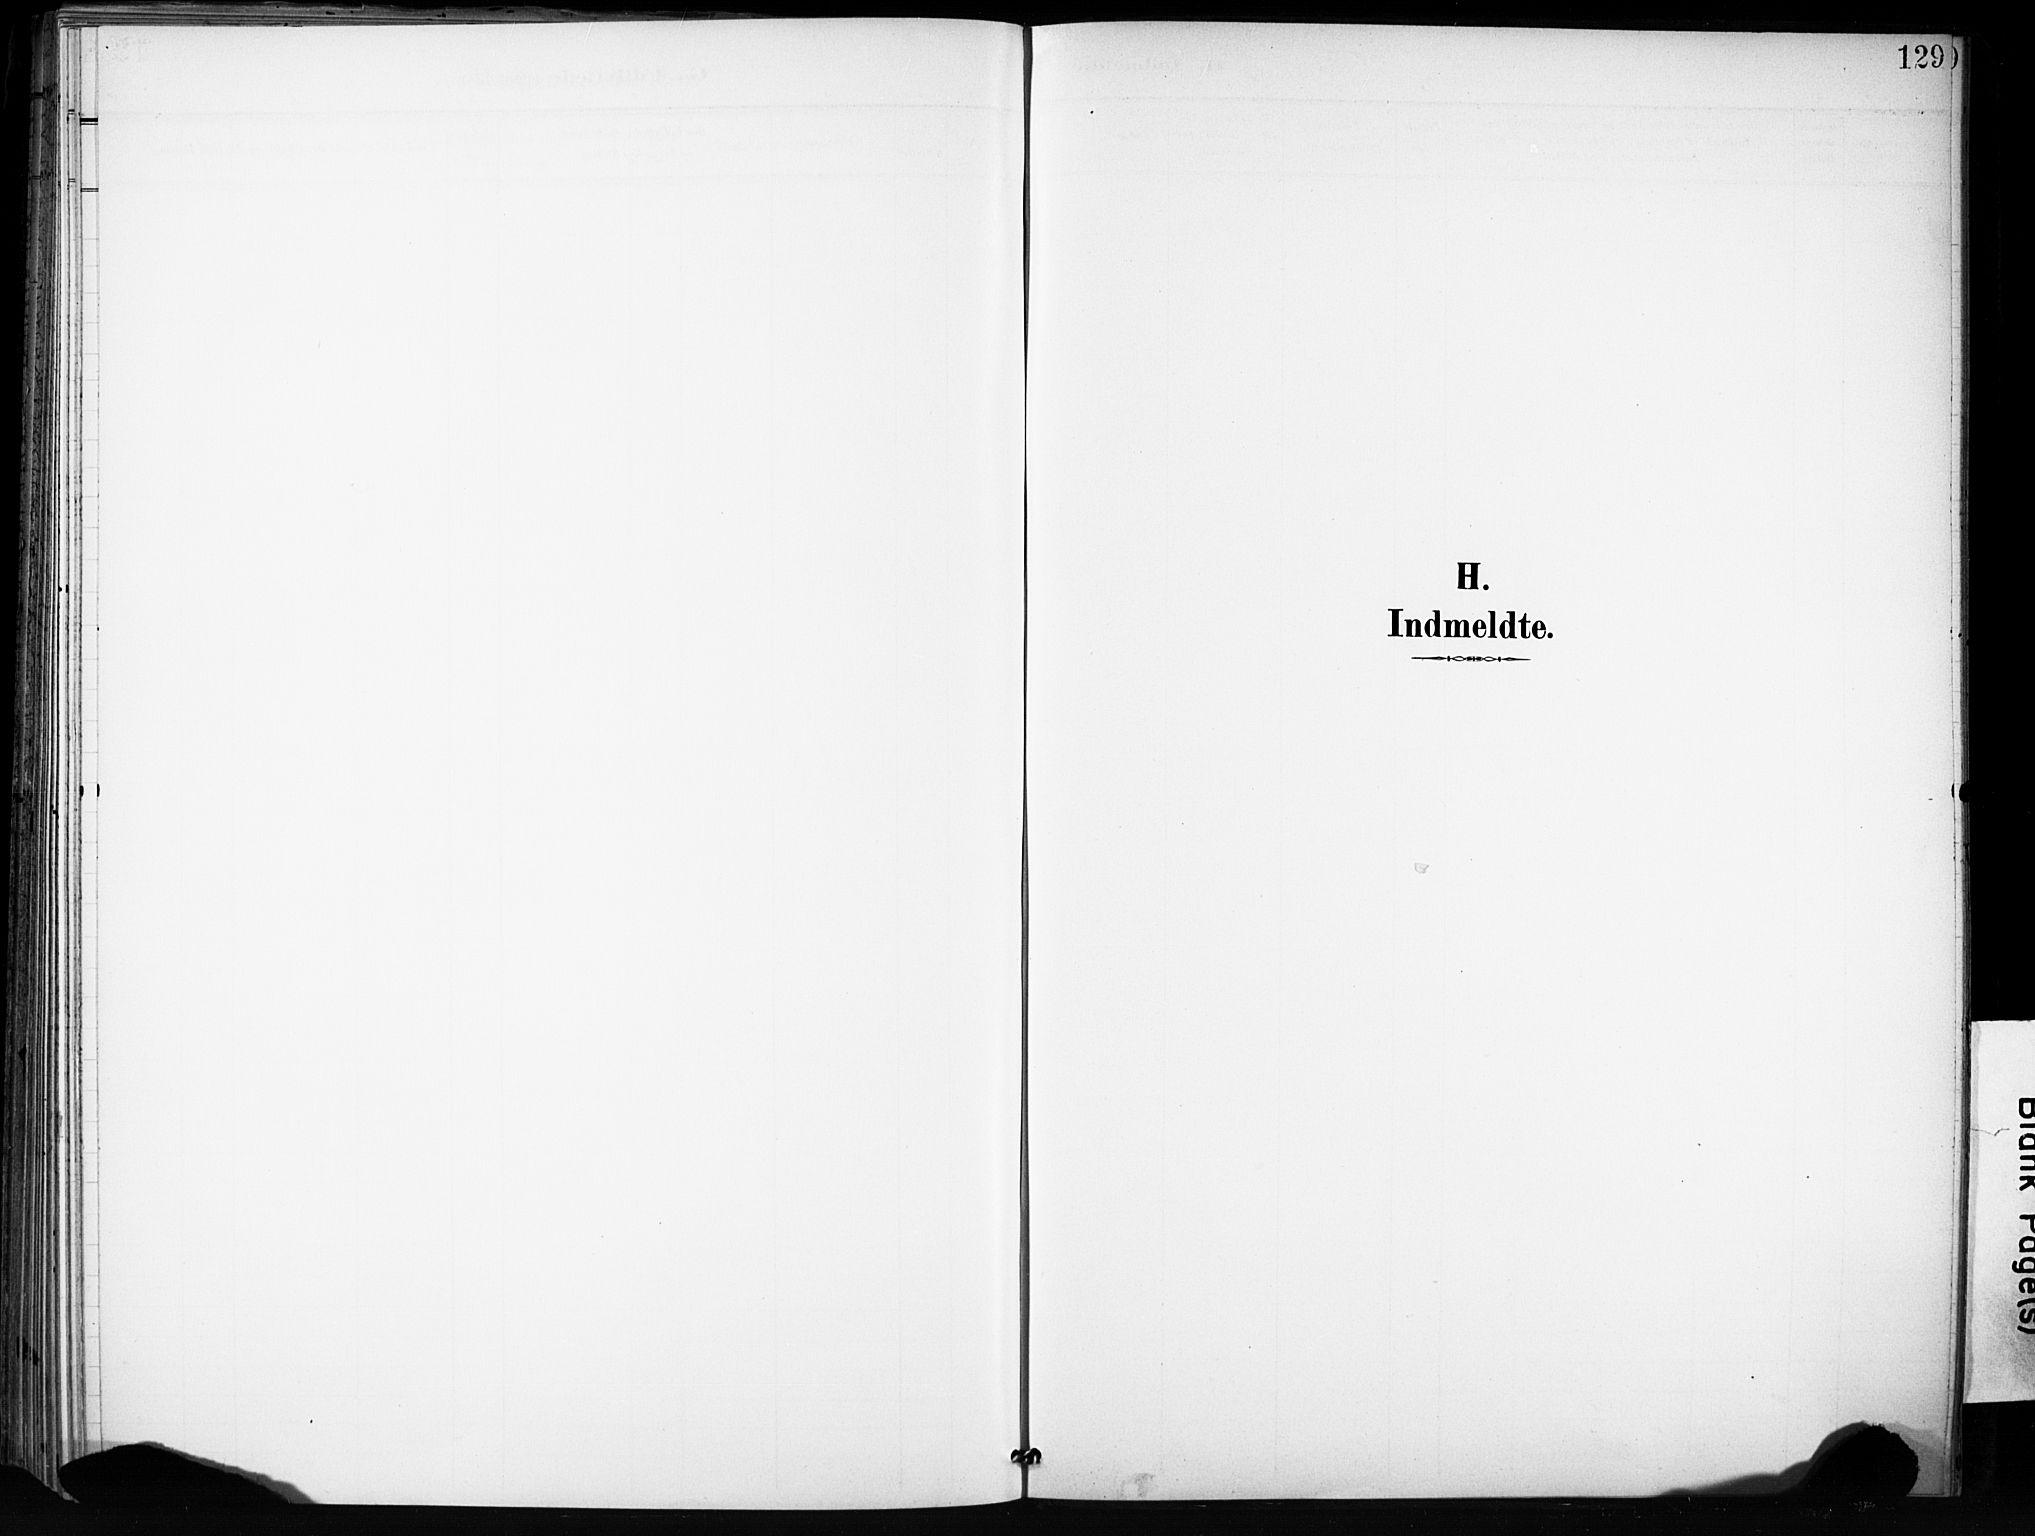 SAT, Ministerialprotokoller, klokkerbøker og fødselsregistre - Sør-Trøndelag, 666/L0787: Ministerialbok nr. 666A05, 1895-1908, s. 129